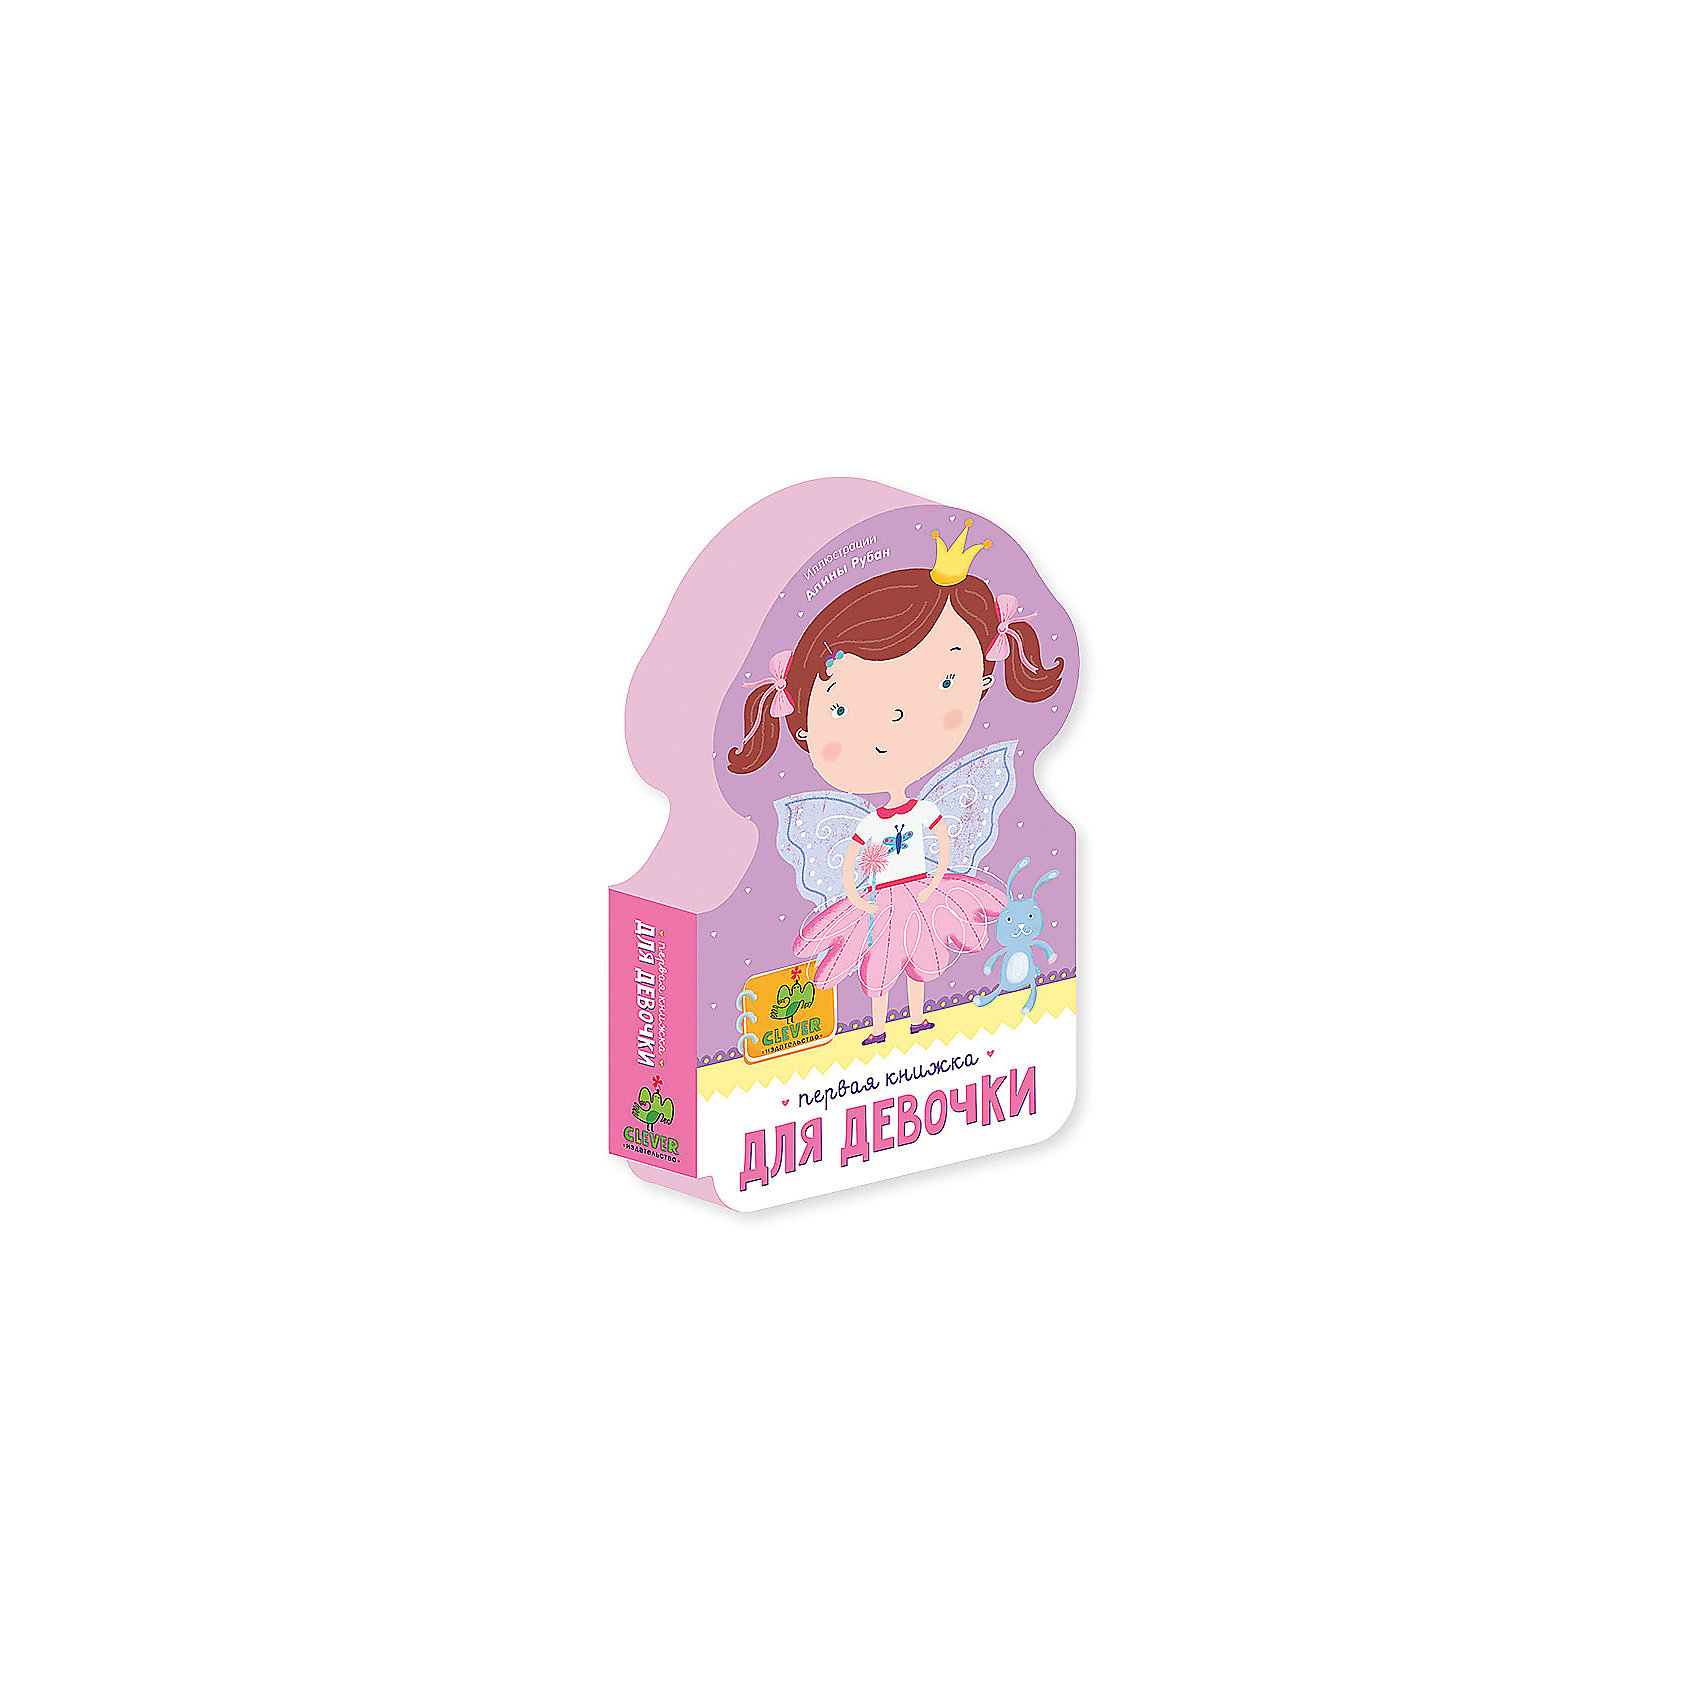 Книга Первая книжка для девочкиЧудесная красочная книжка Первая книжка для девочки очень понравится маленьким девочкам. Они с удовольствием будут переворачивать фигурные страницы, рассматривать яркие и детальные рисунки, узнавать знакомые ситуации и запоминать новые слова. На каждом развороте - новая тема: в детском саду, на празднике, на пляже, перед сном, на зарядке. Страницы выполнены из плотного материала EVA, их сложно порвать или испортить. Специальные округленные углы, небольшой формат, удобный для детских ручек, и яркие картинки делают это издание идеальной первой книжкой для малыша. Для детей 0-3 лет.<br><br>Дополнительная информация:<br><br>- Художник: Алина Рубан.<br>- Серия: Первые книжки малыша (EVA).  <br>- Переплет: картонная обложка.<br>- Иллюстрации: цветные.<br>- Объем: 8 стр. (ПВХ). <br>- Размер: 17,7 x 11,2 x 2,7 см.<br>- Вес: 108 гр. <br><br>Книгу Первая книжка для девочки, Клевер Медиа Групп, можно купить в нашем интернет-магазине.<br><br>Ширина мм: 109<br>Глубина мм: 170<br>Высота мм: 25<br>Вес г: 107<br>Возраст от месяцев: 0<br>Возраст до месяцев: 36<br>Пол: Женский<br>Возраст: Детский<br>SKU: 4544943